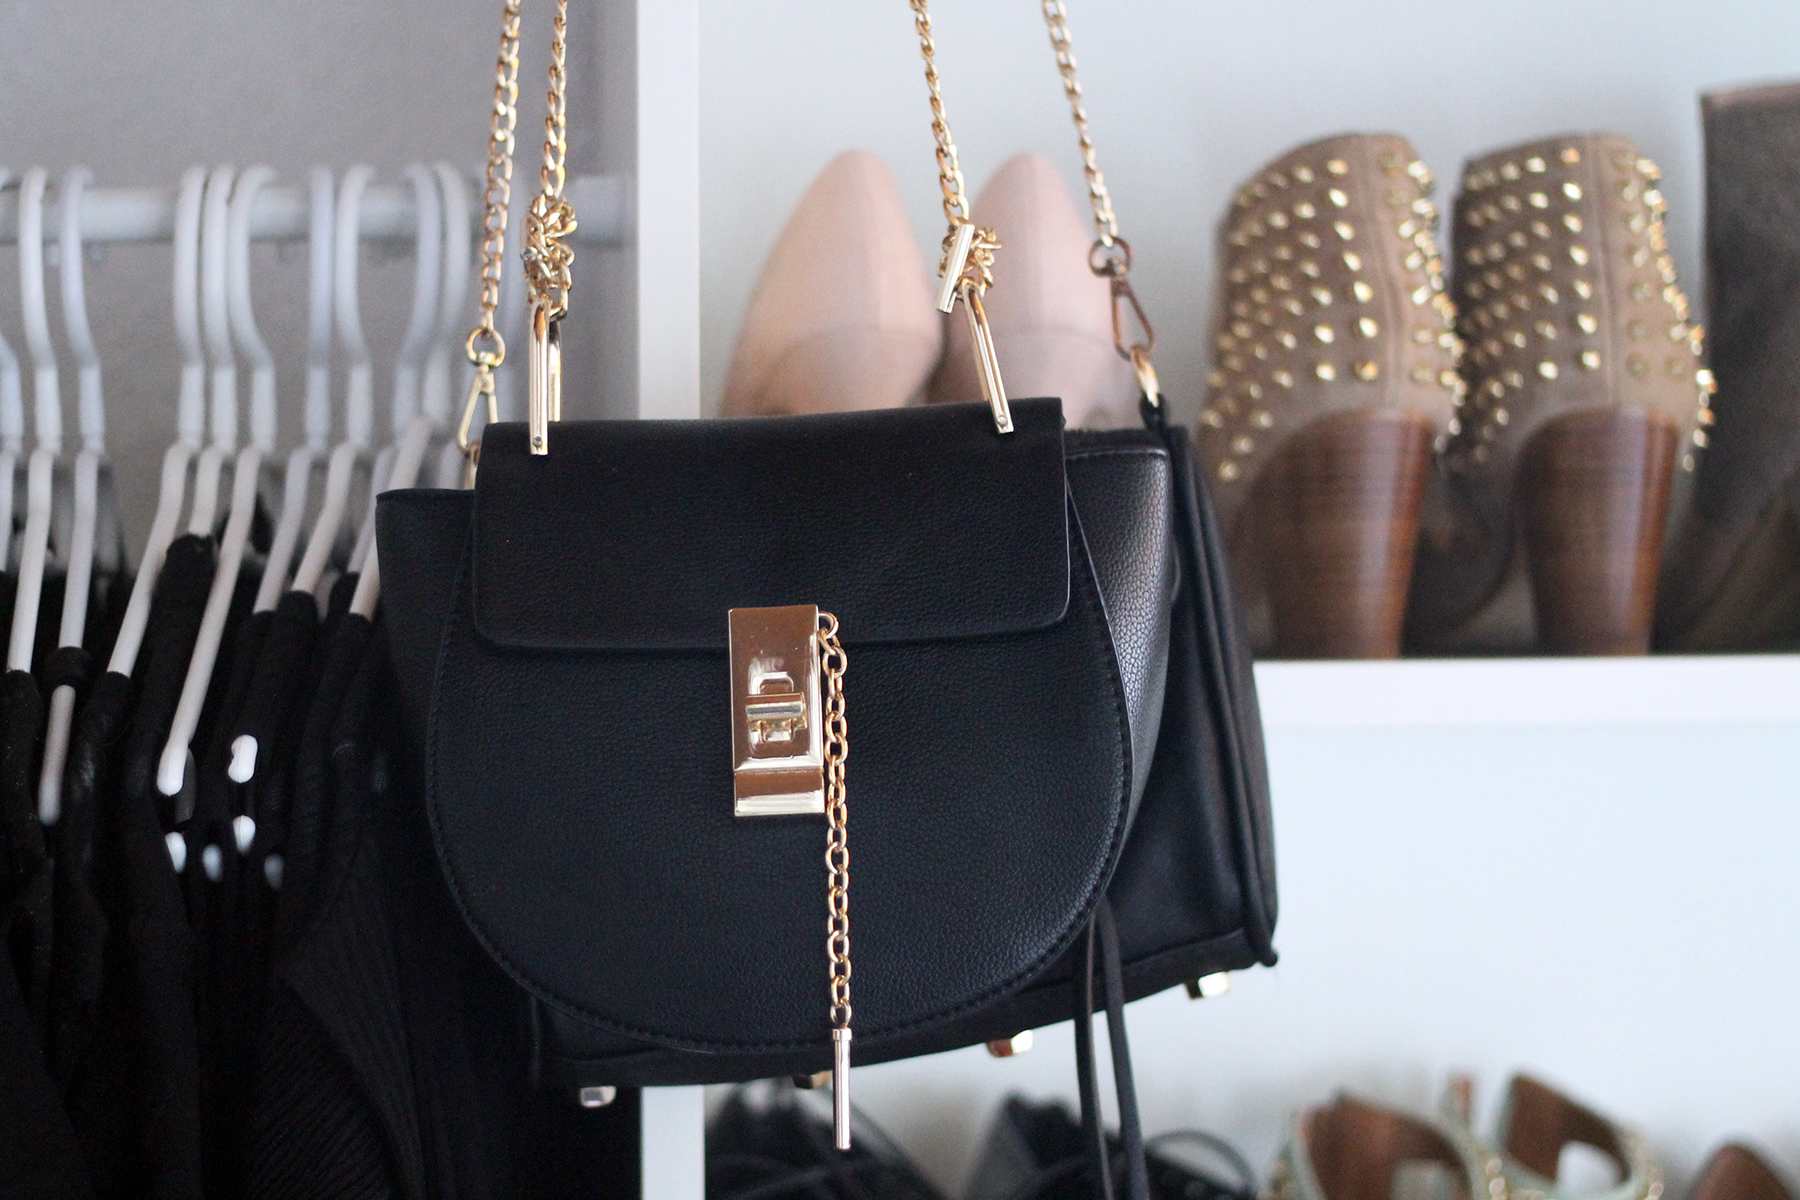 ankleidezimmer-kleiderschrank-modeblog-fashionblog-chloe-drew-lookalike